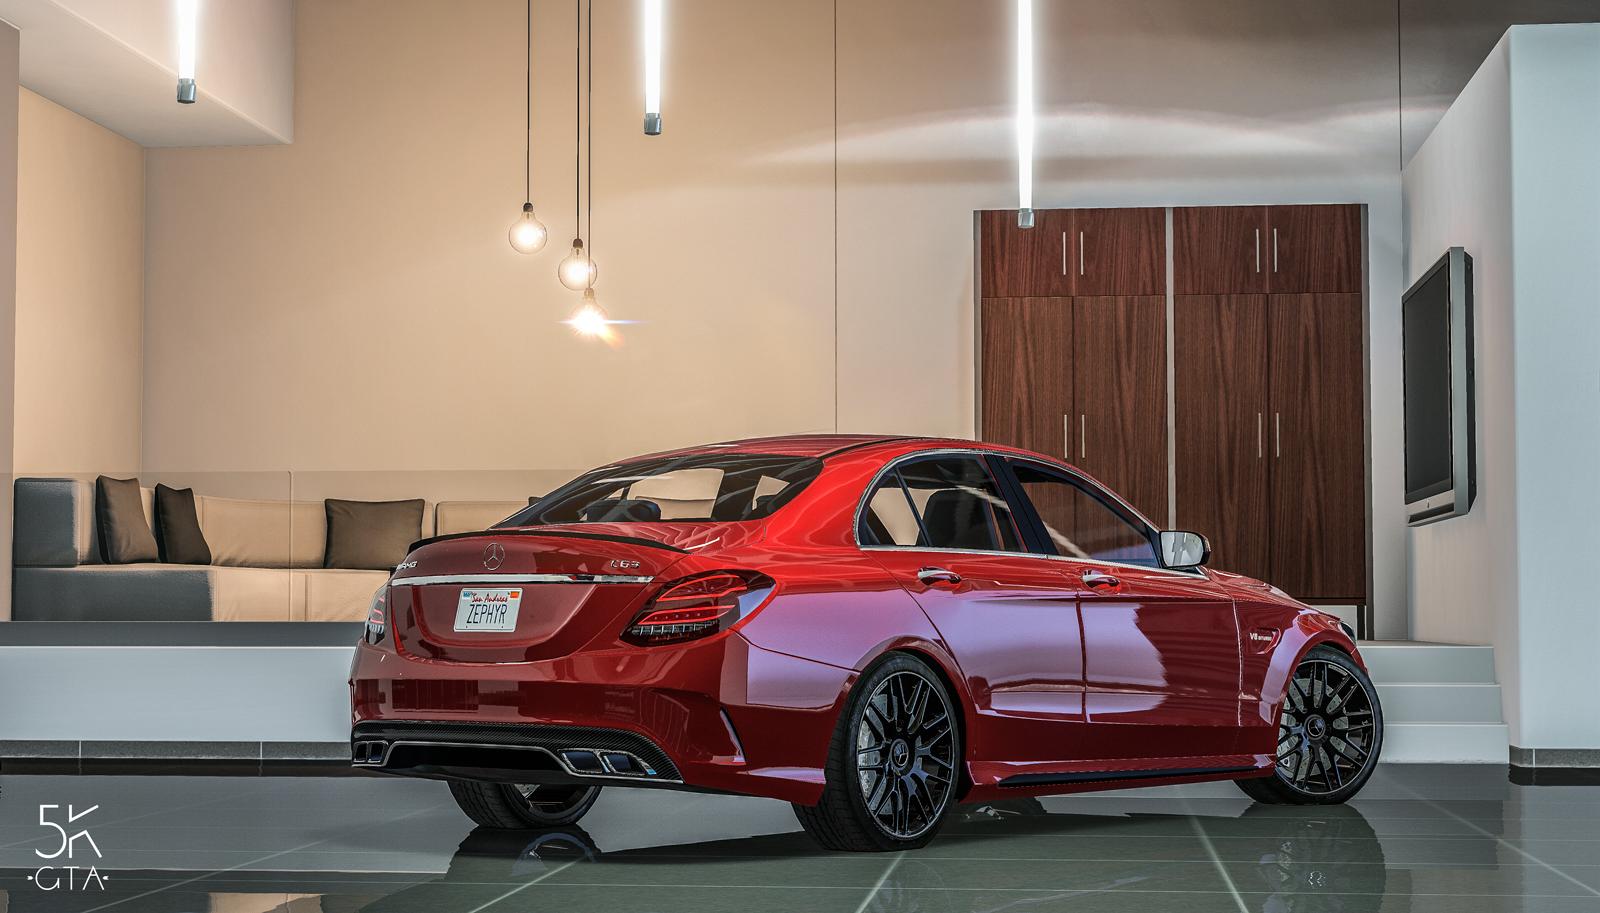 Mercedes-AMG C63 S 2017 v1.1 for GTA 5